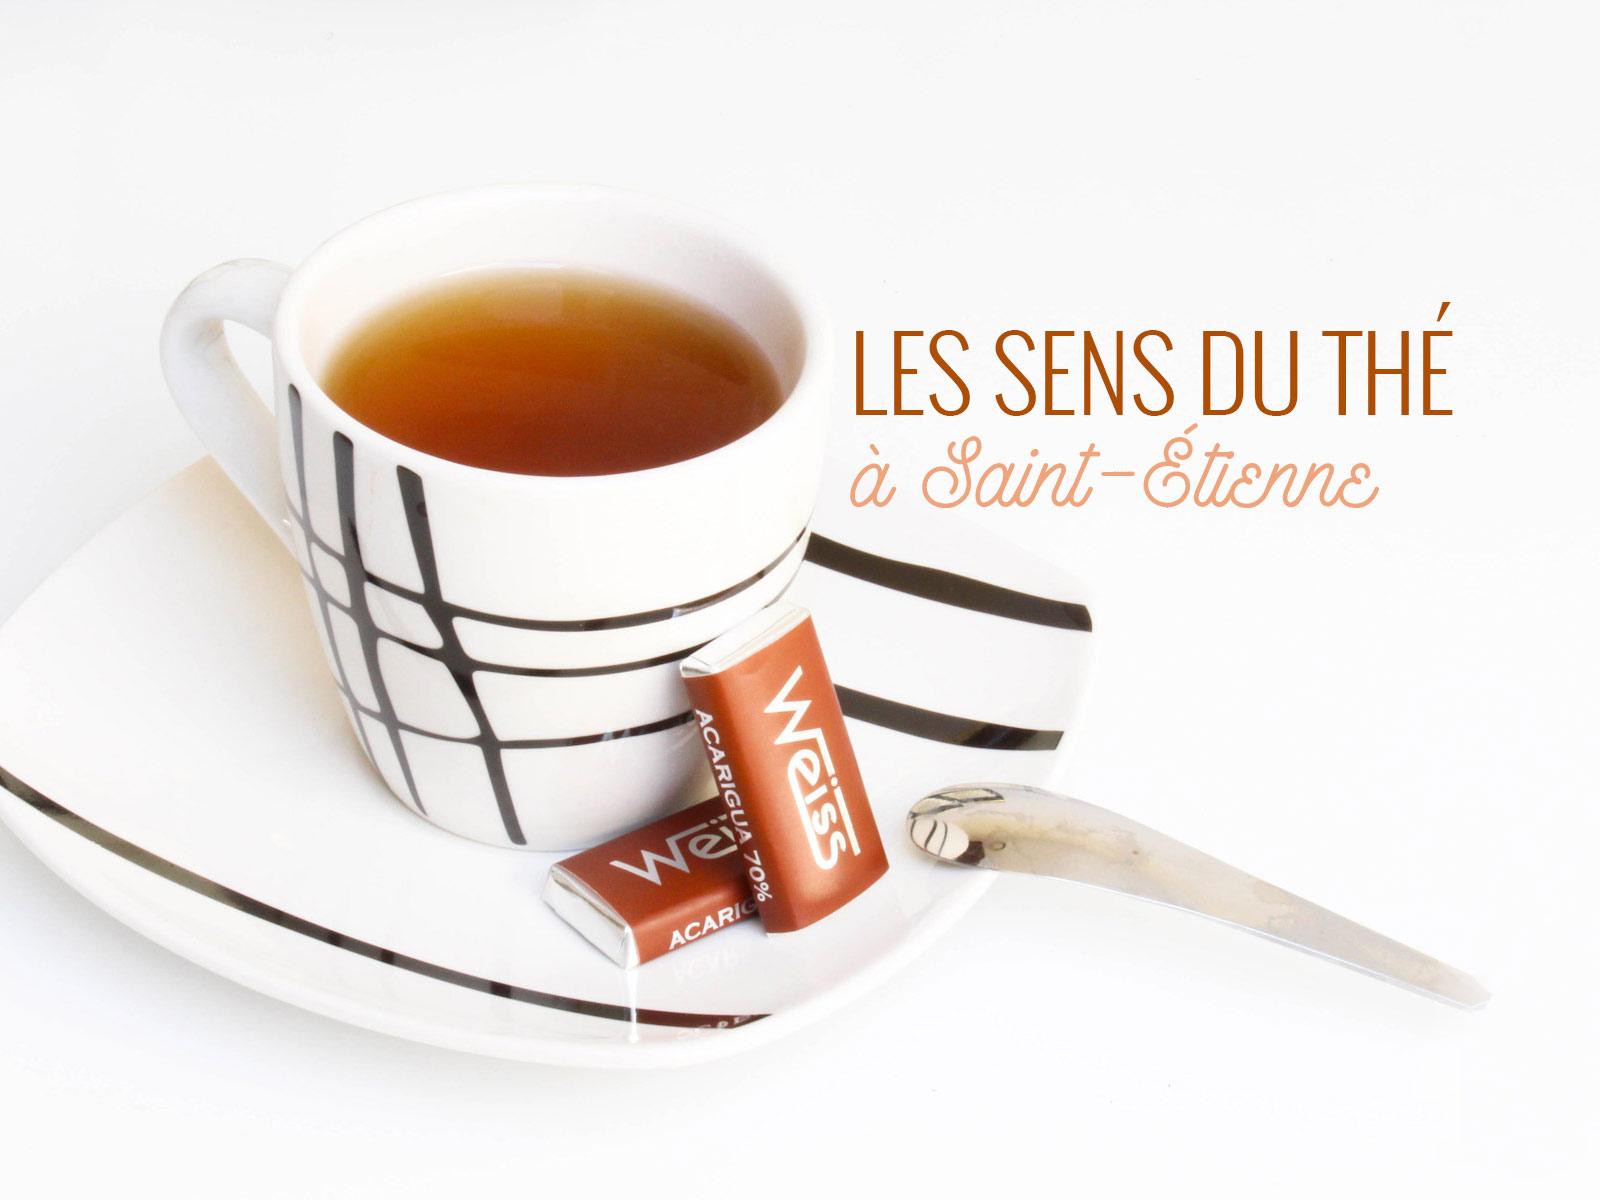 les sens du thé saint etienne